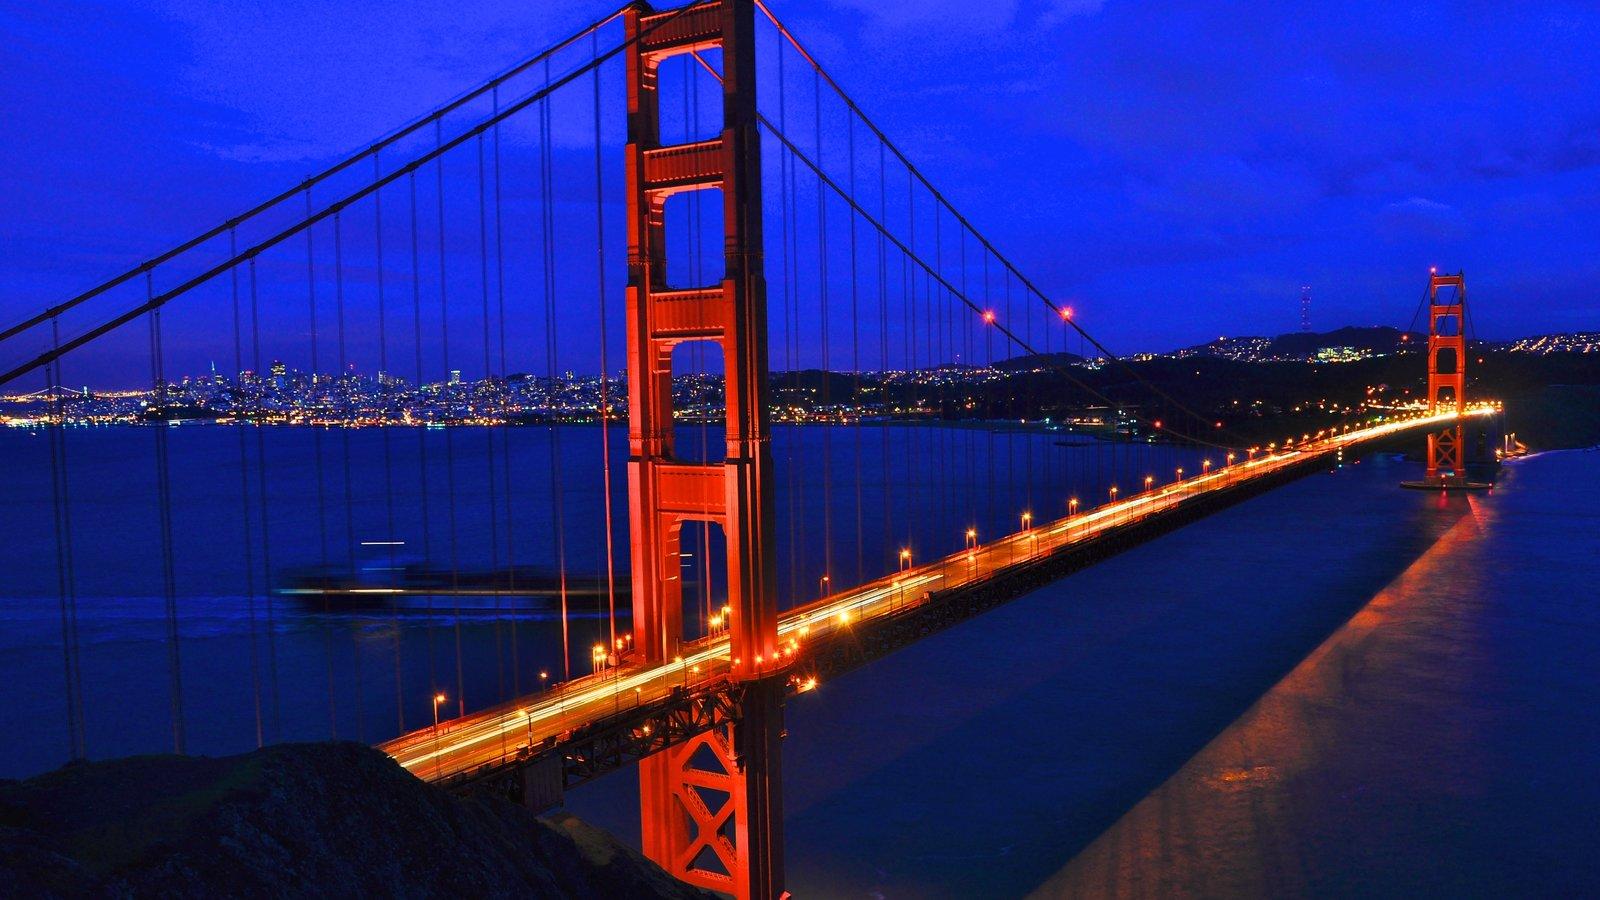 Golden Gate Bridge caracterizando paisagens litorâneas, uma baía ou porto e cenas noturnas